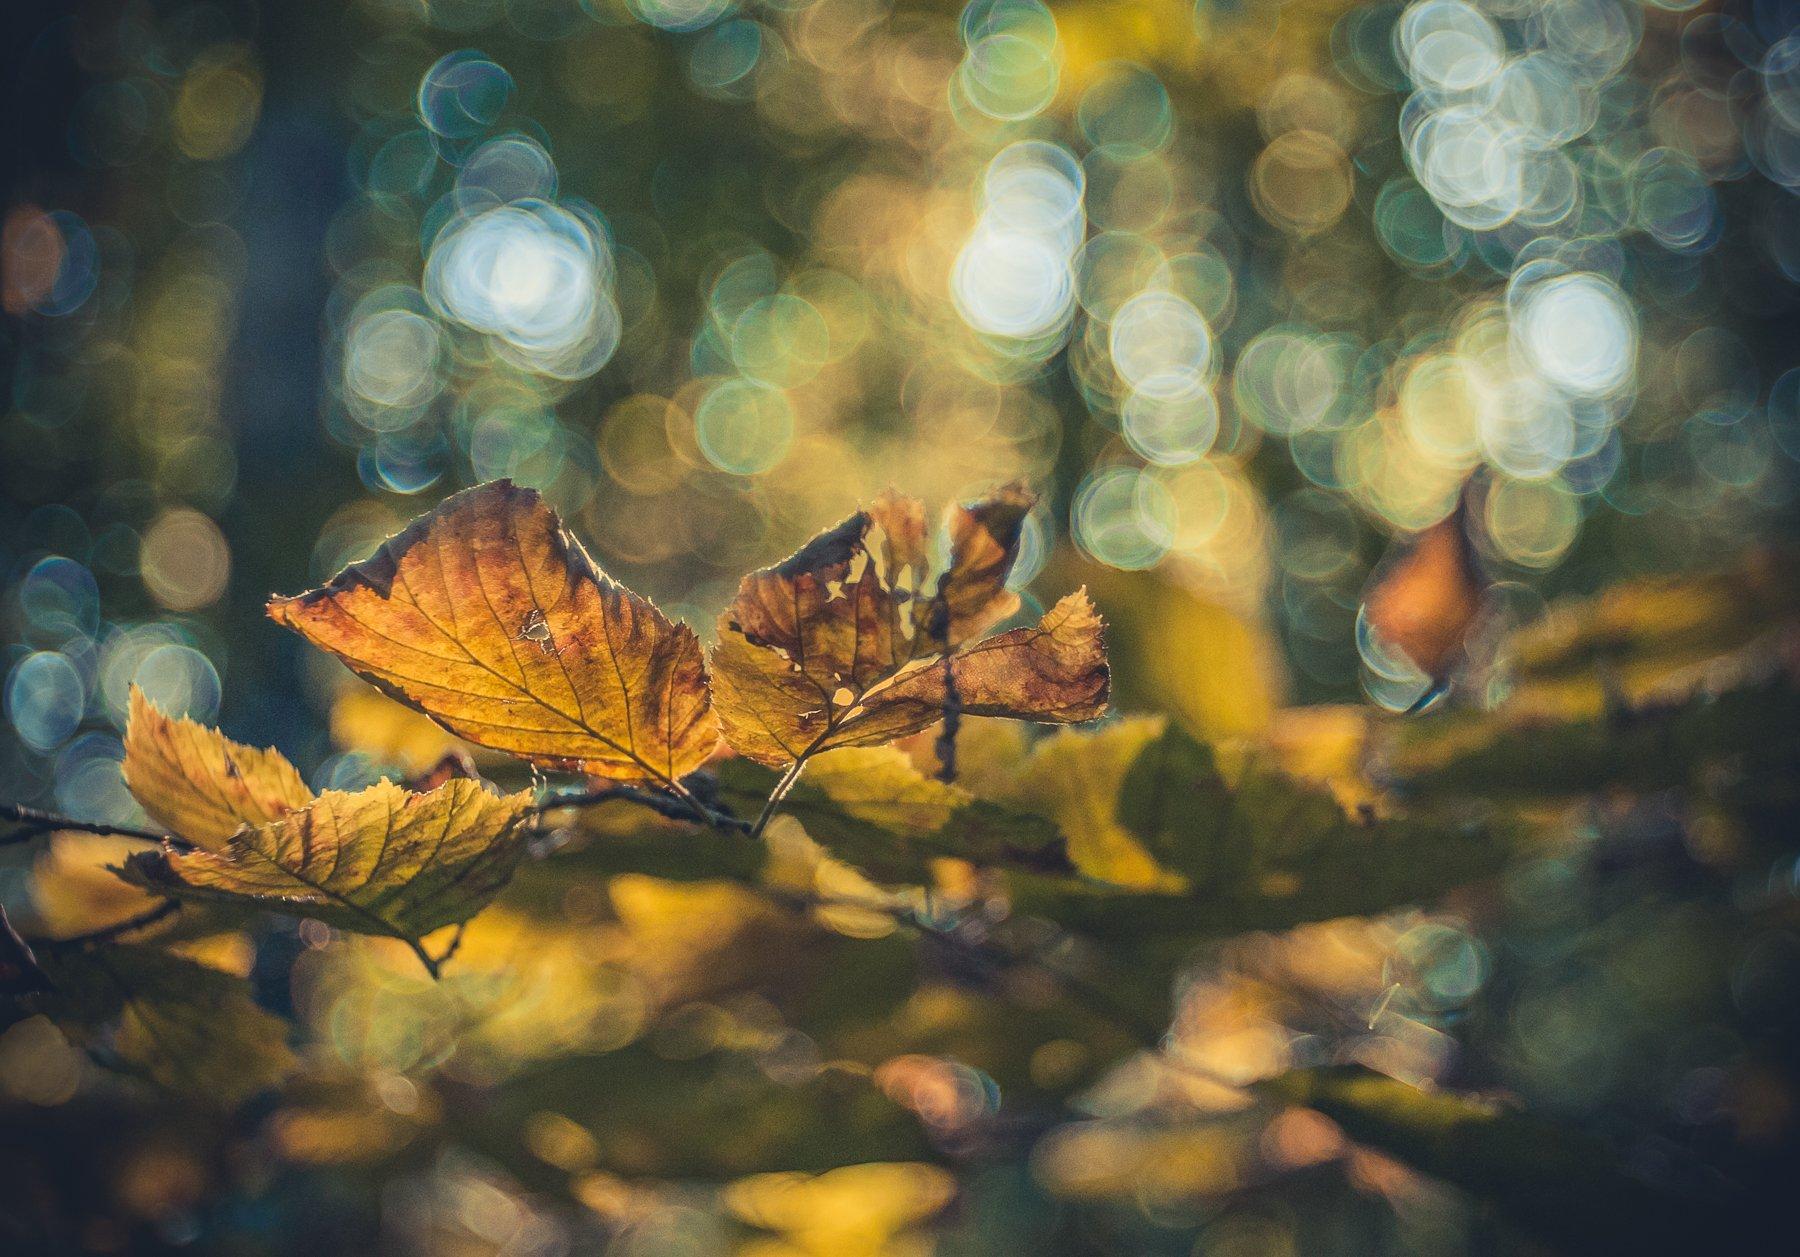 листья, осень, боке, свет, дерево, Дмитрий Иванов